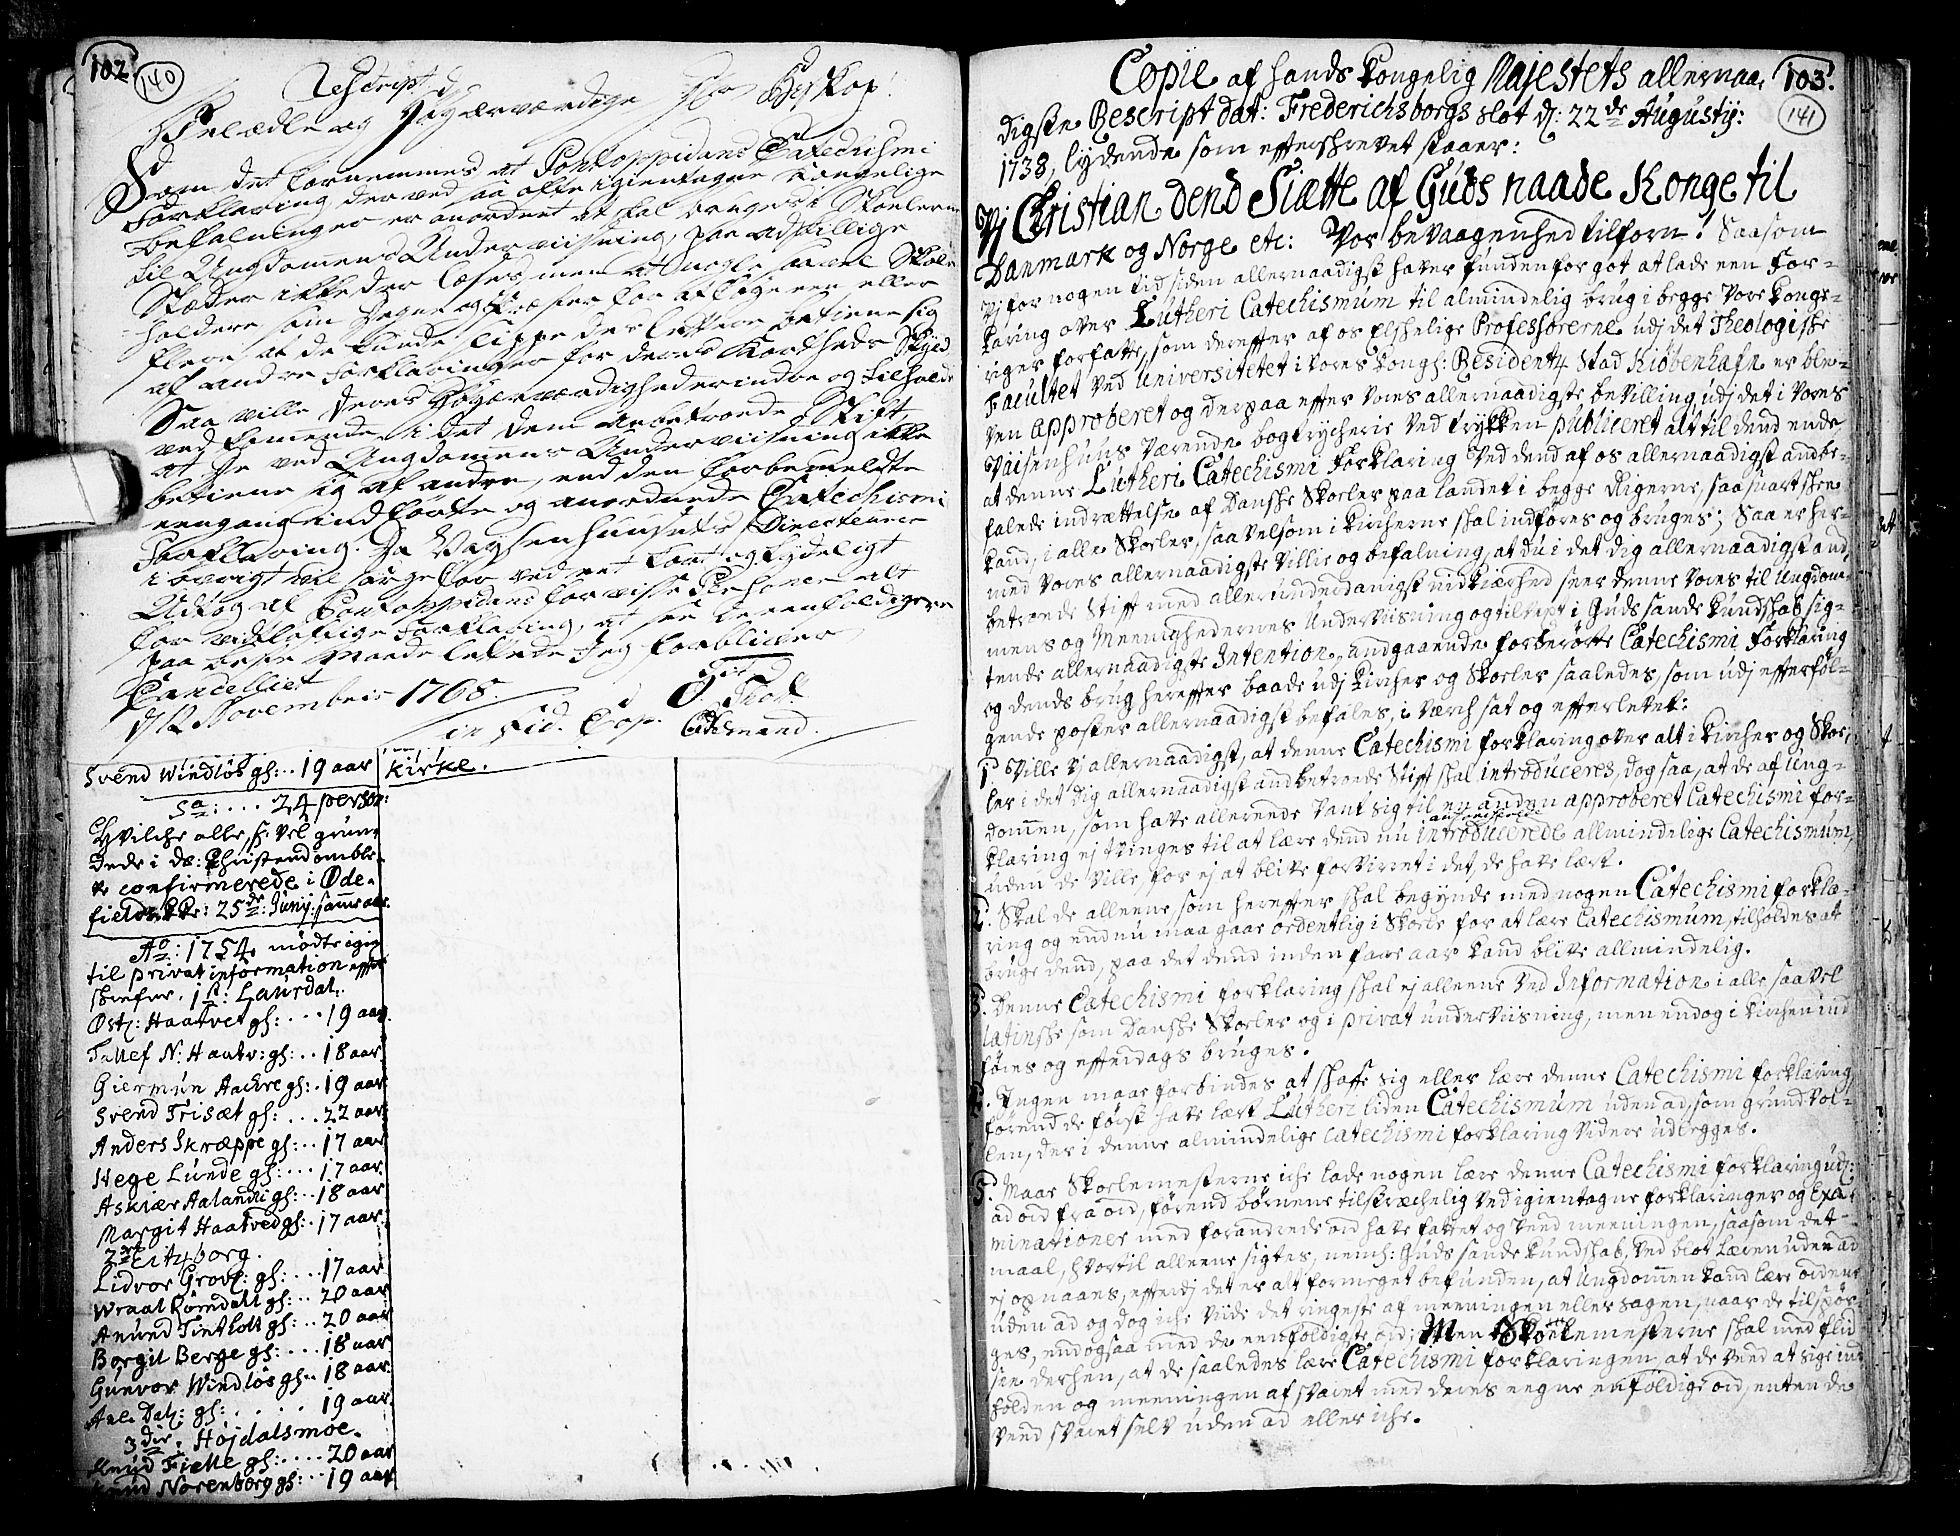 SAKO, Lårdal kirkebøker, F/Fa/L0002: Ministerialbok nr. I 2, 1734-1754, s. 140-141